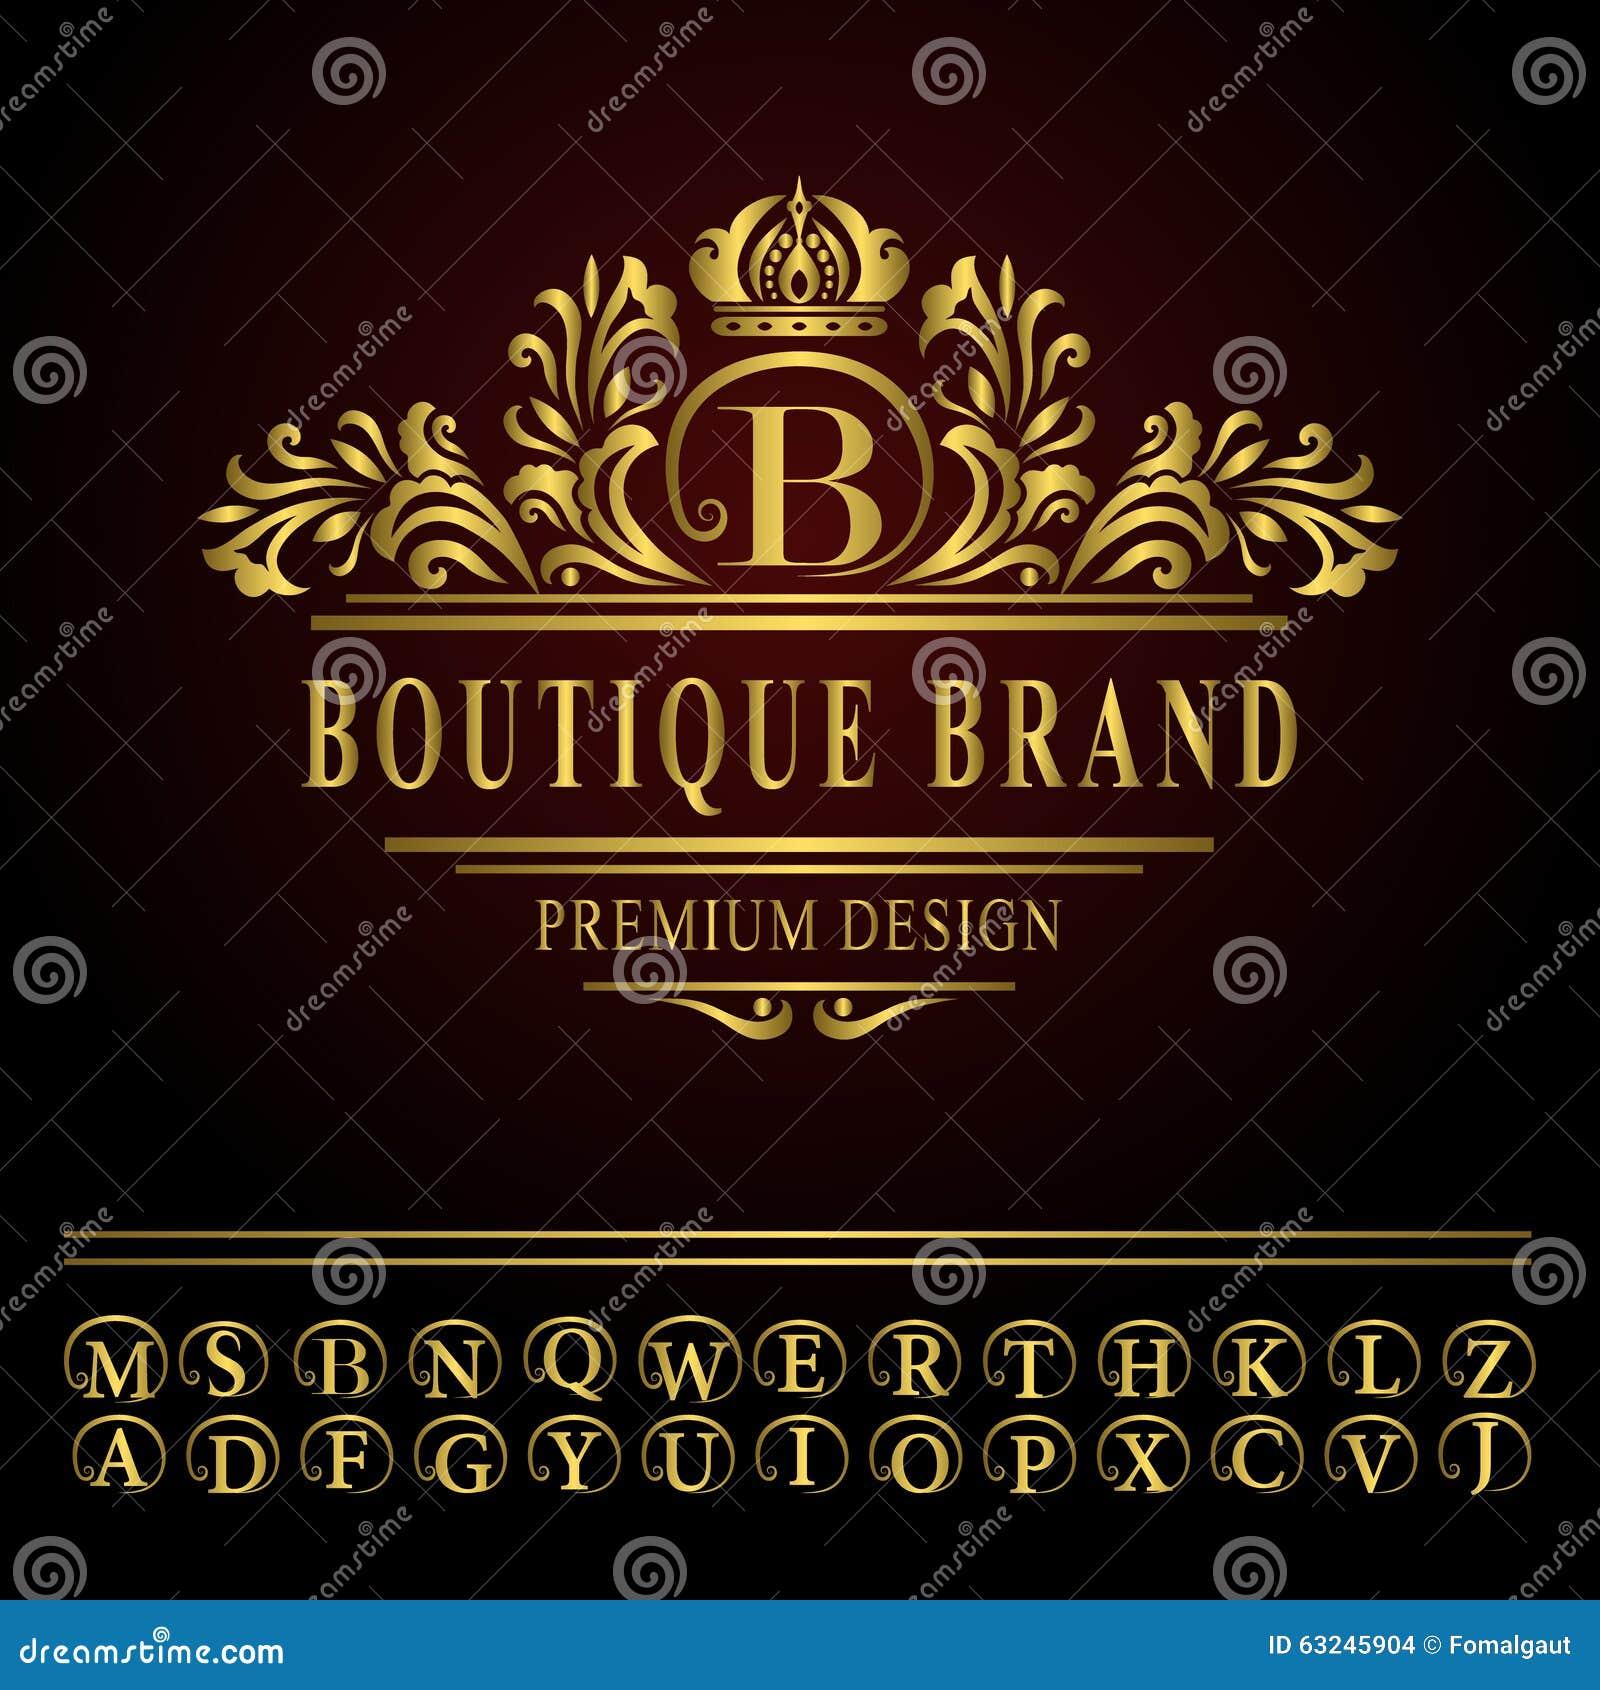 Line Art Logo Maker : Monogram design elements graceful template elegant line